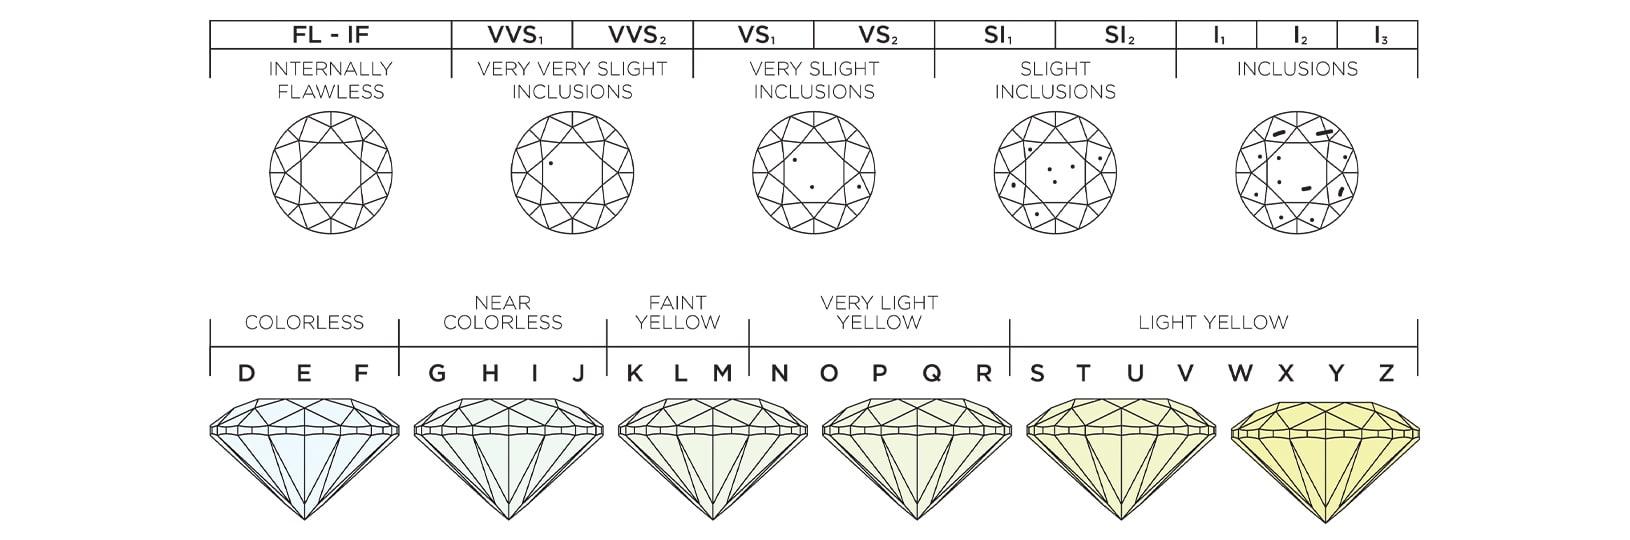 Diamond Clarity Scale & Diamond Color Scale